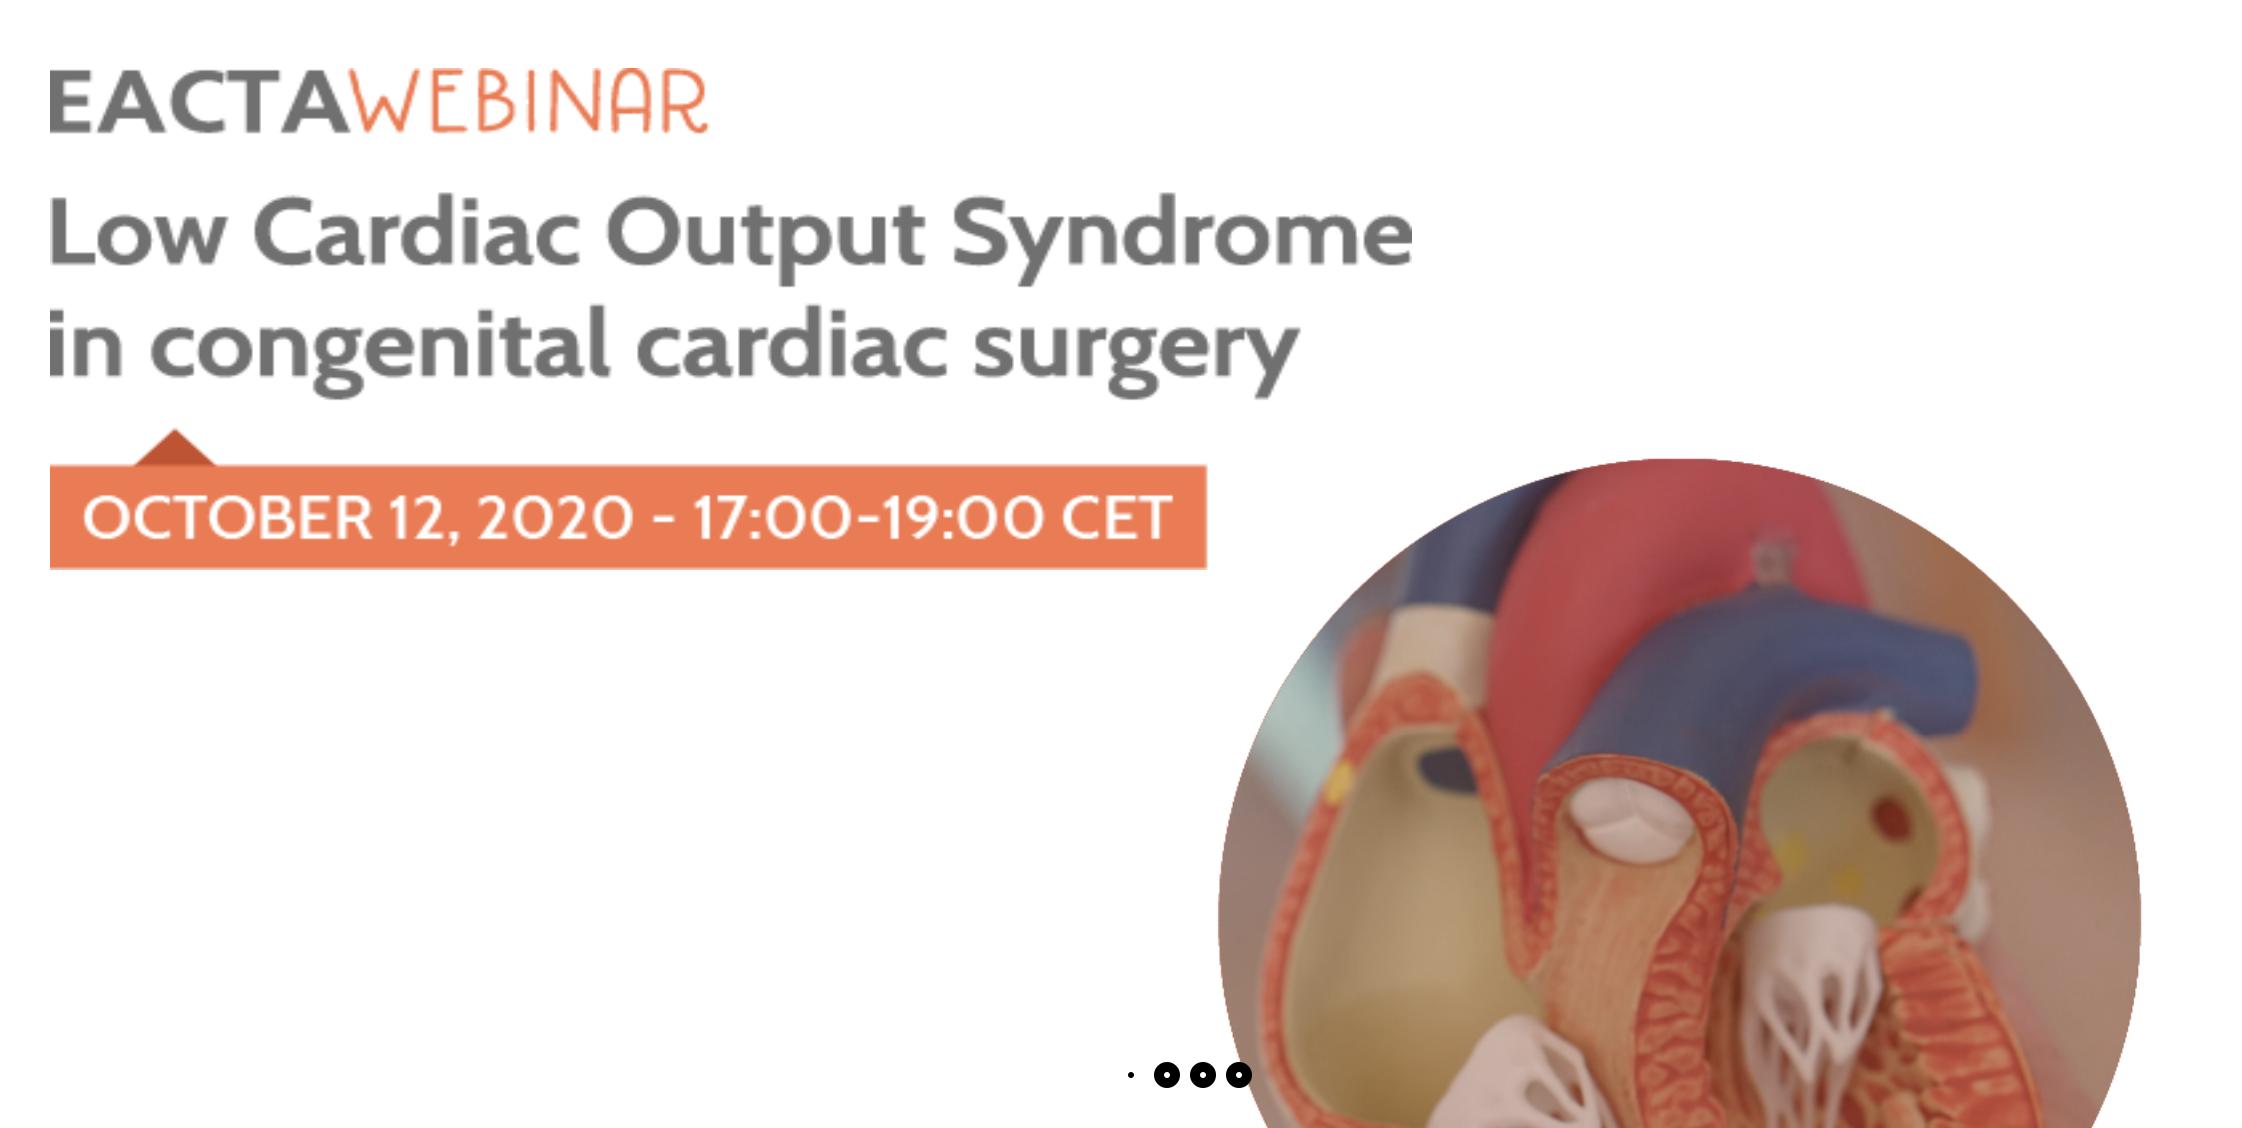 Webinar EACTA le 12 octobre : Syndrome de bas débit cardiaque en chirurgie cardiaque congénitale